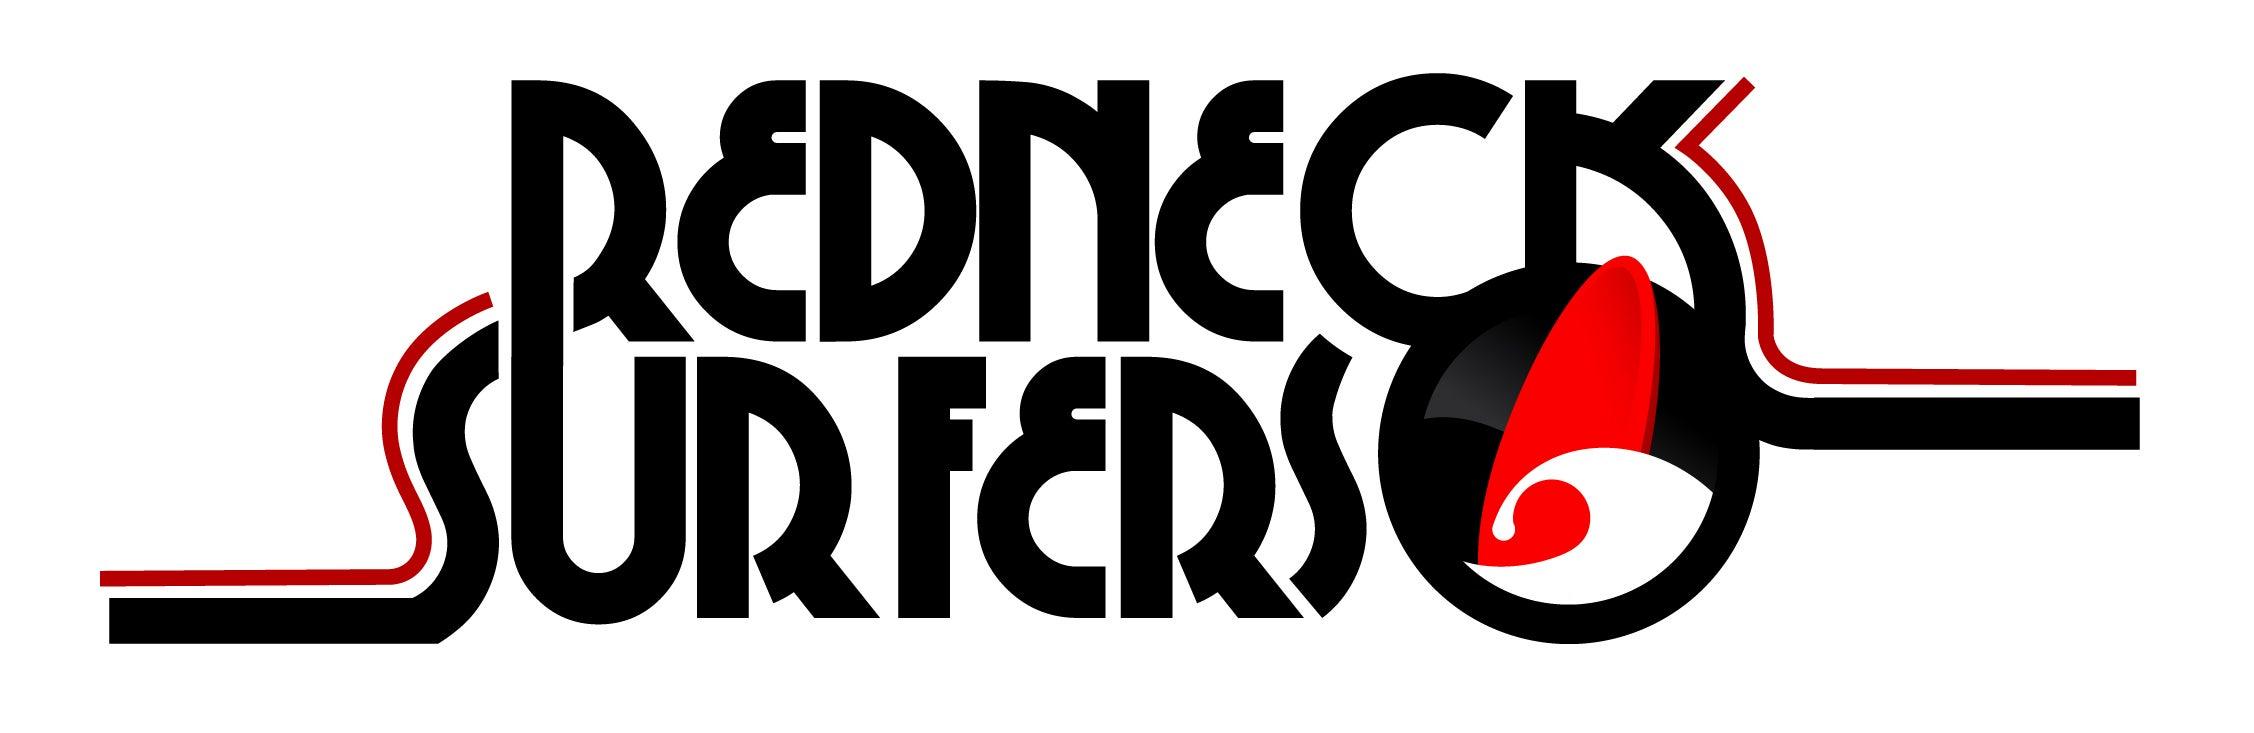 Redneck Surfers